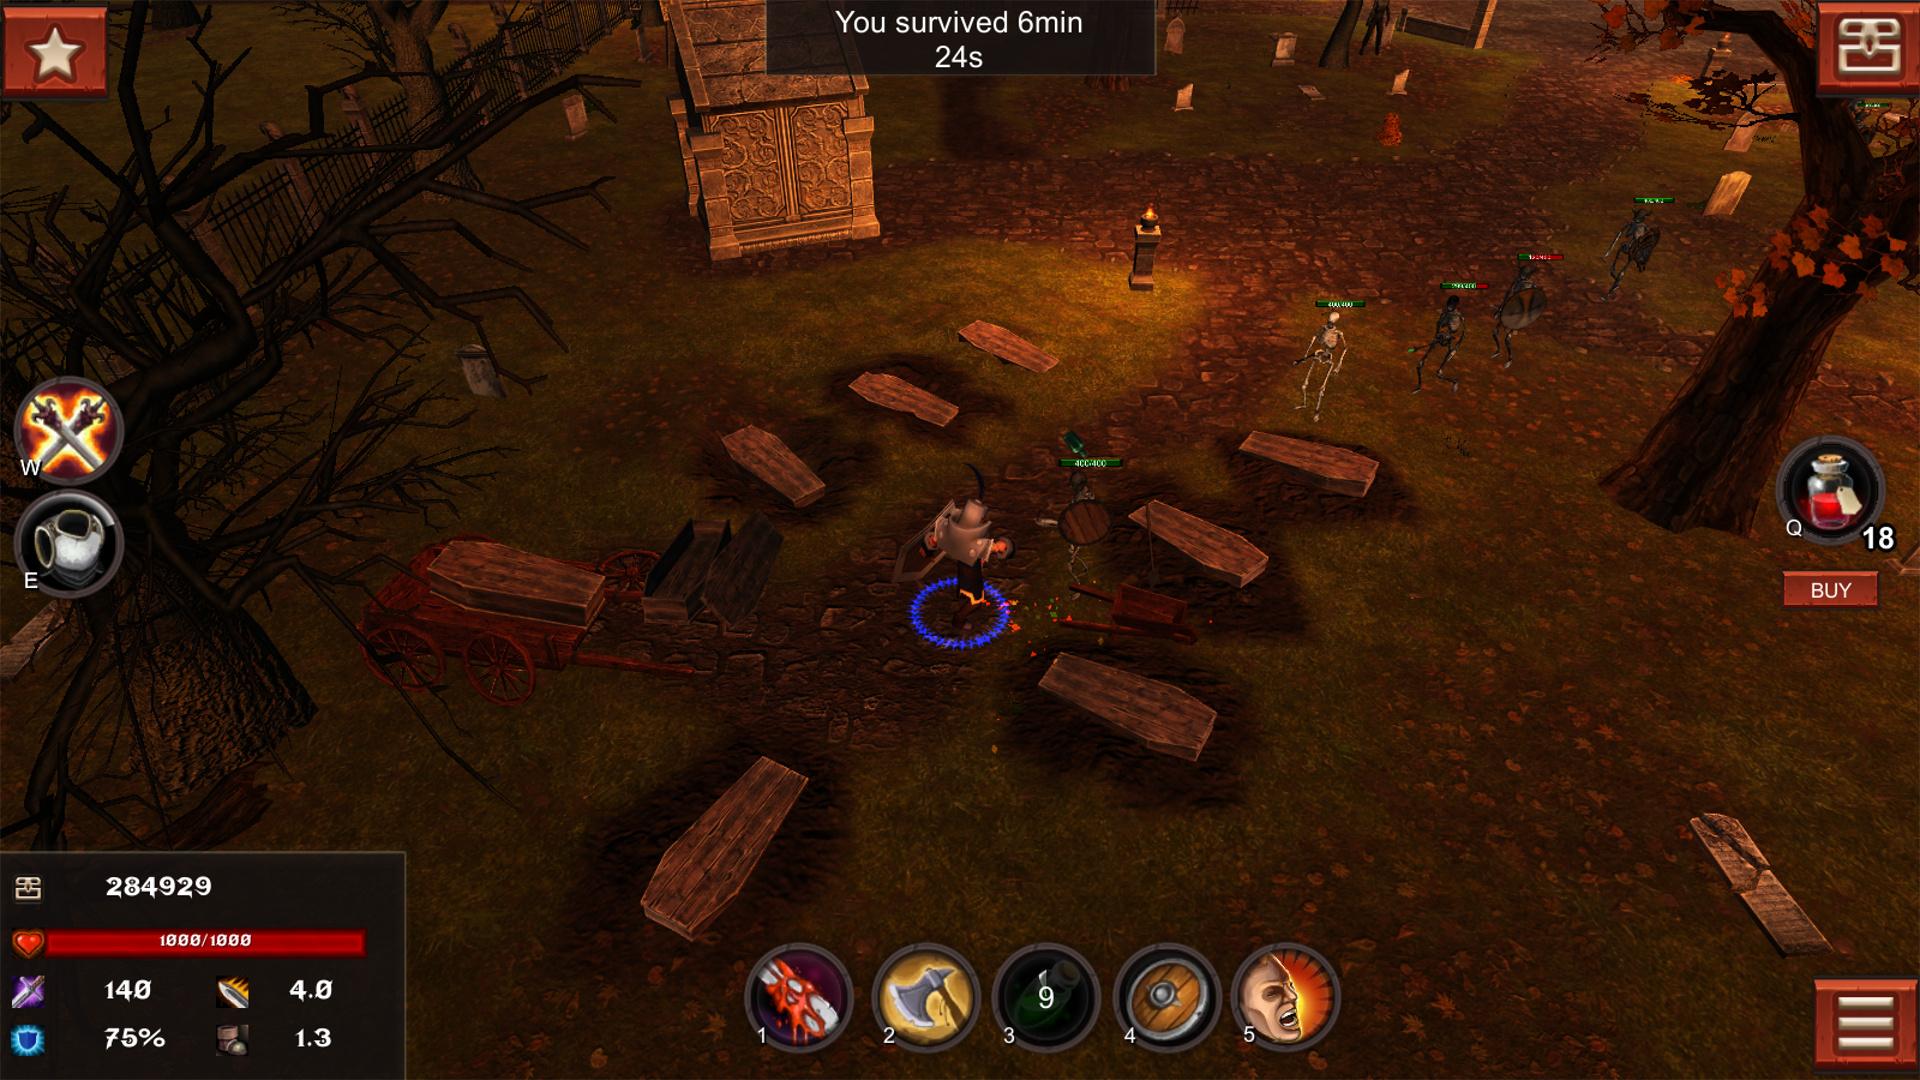 com.steam.751580-screenshot